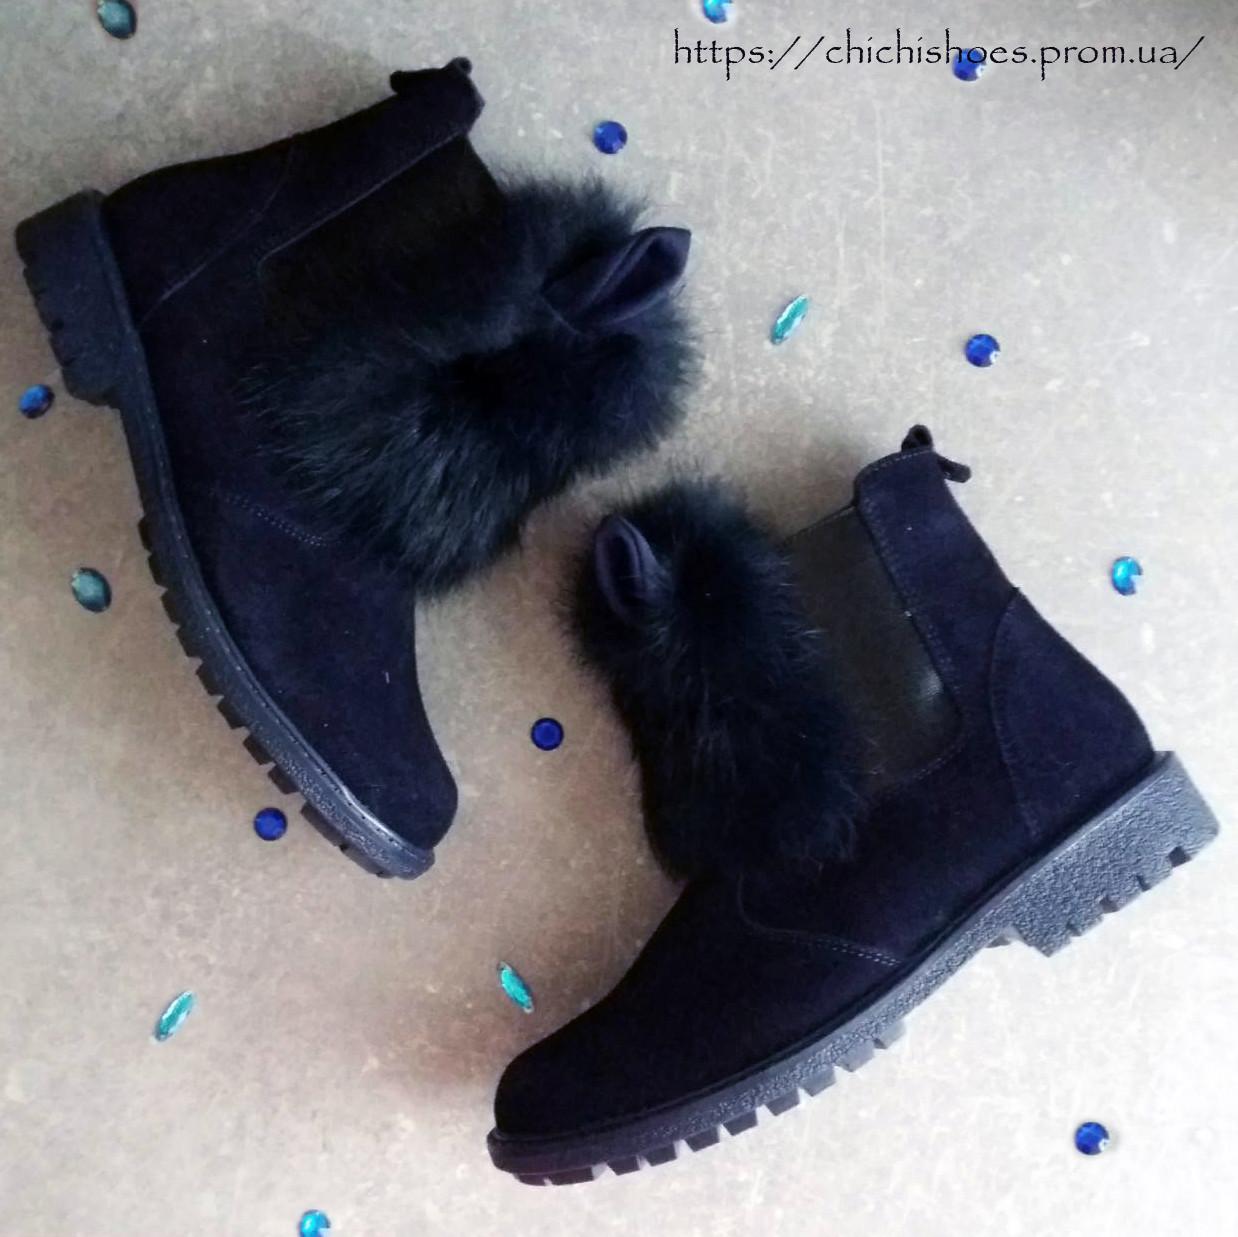 bfc31732fa11 Детские синие замшевые ботинки с ушками Мальвы 32р.  продажа, цена в ...